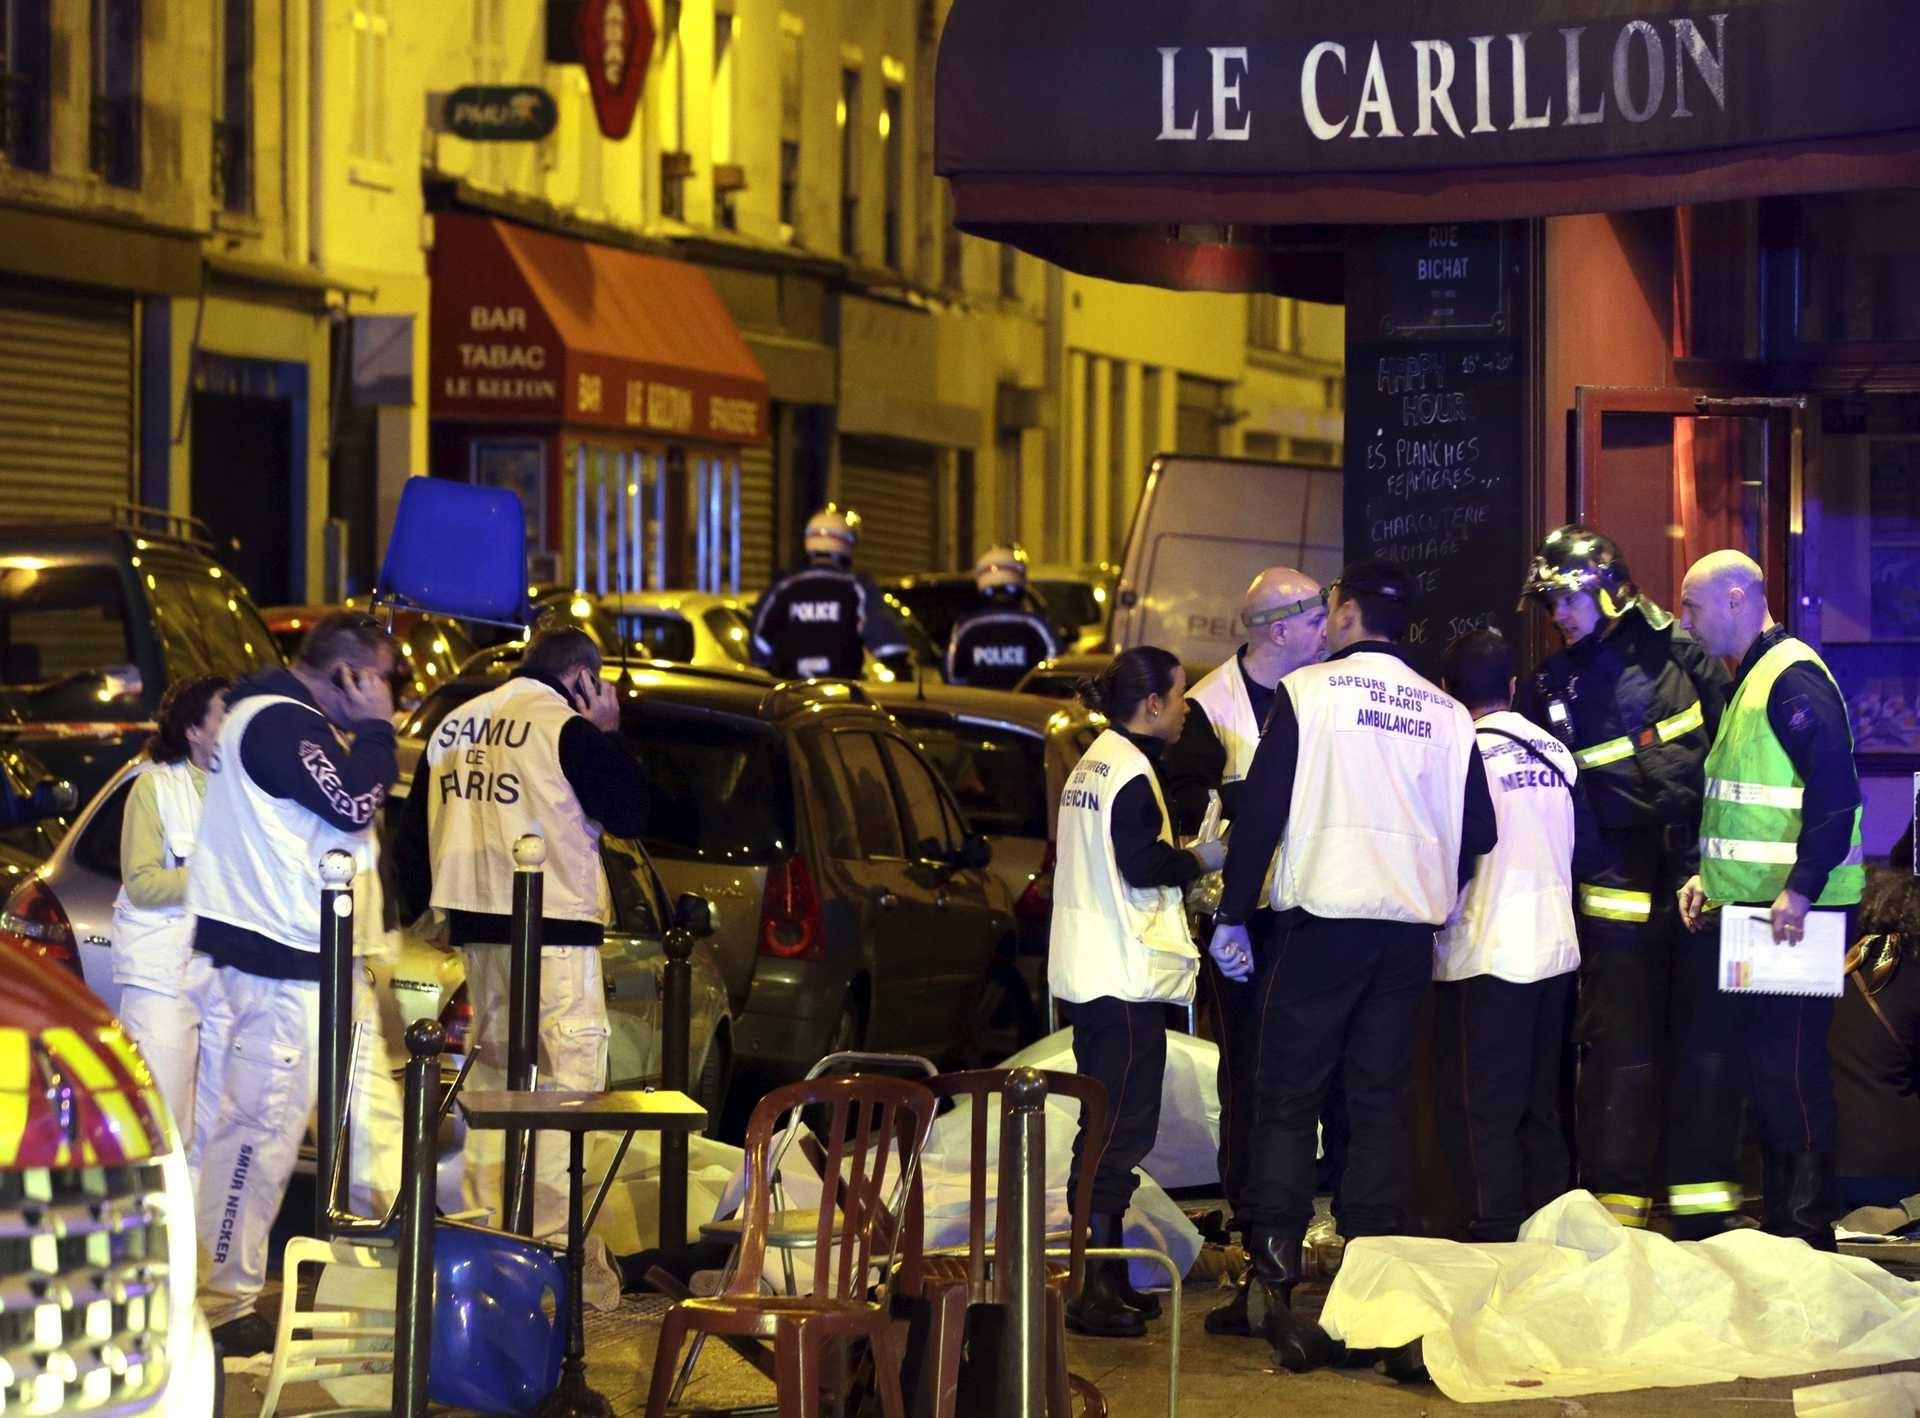 Oito terroristas mortos nos ataques de Paris após atentados que mataram mais de 140 pessoas Ng5161859